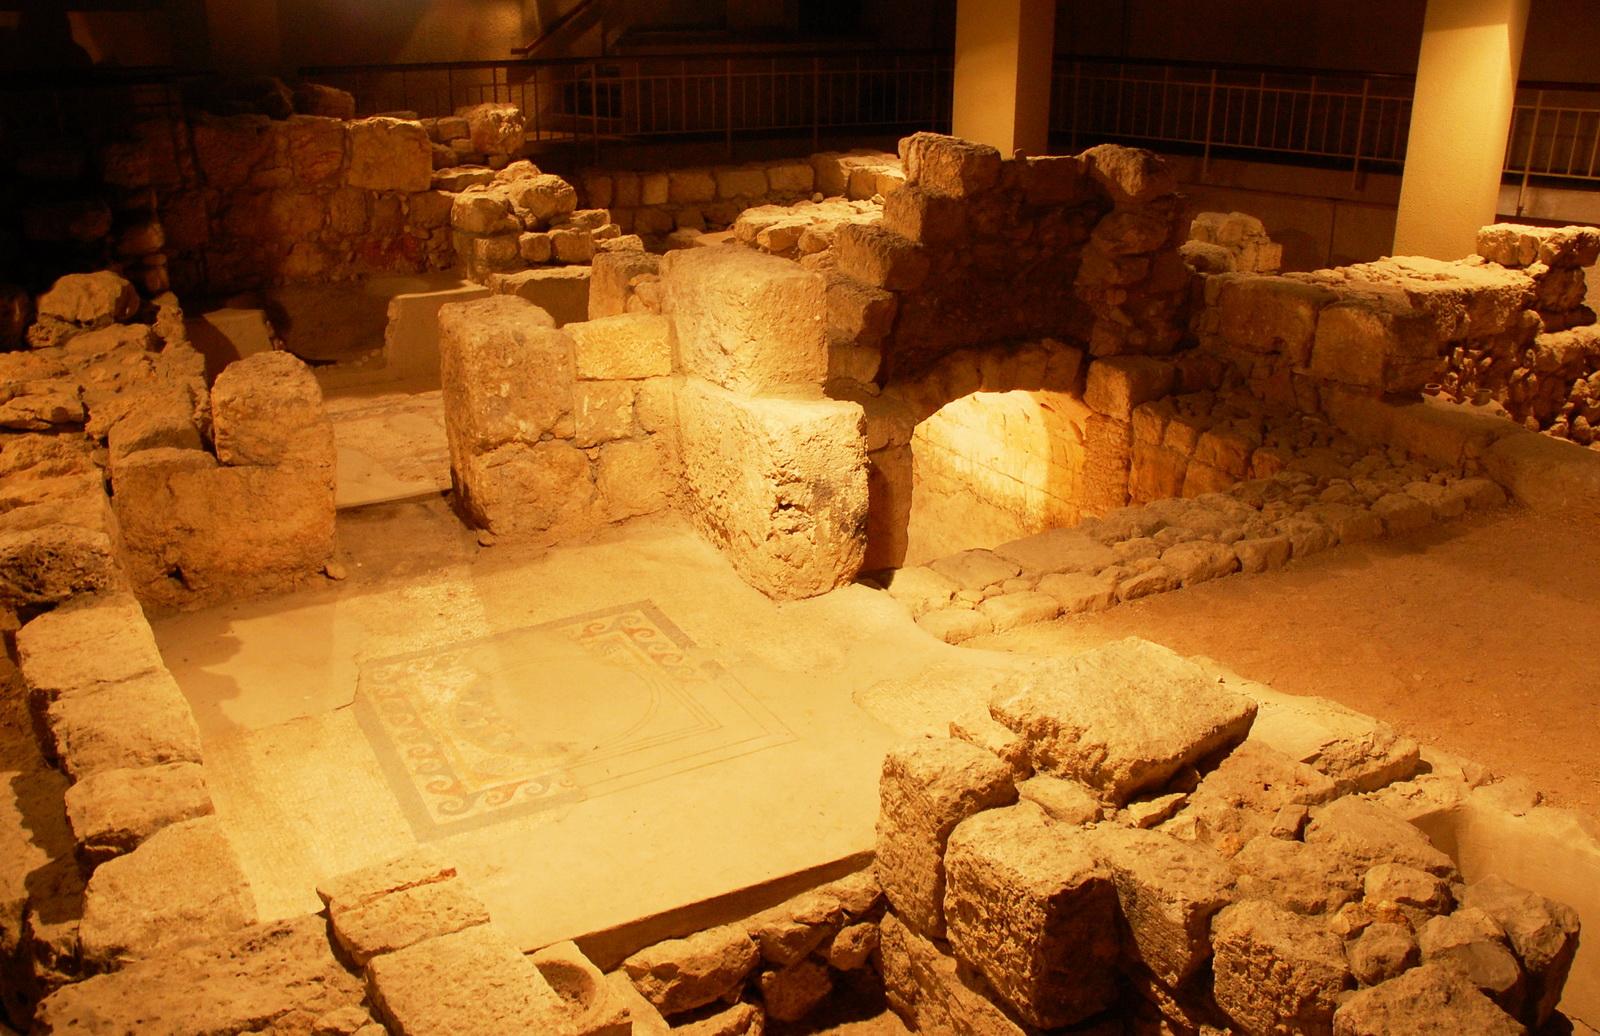 תצוגה ארכיאולוגית של בית אמידים ברובע היהודי